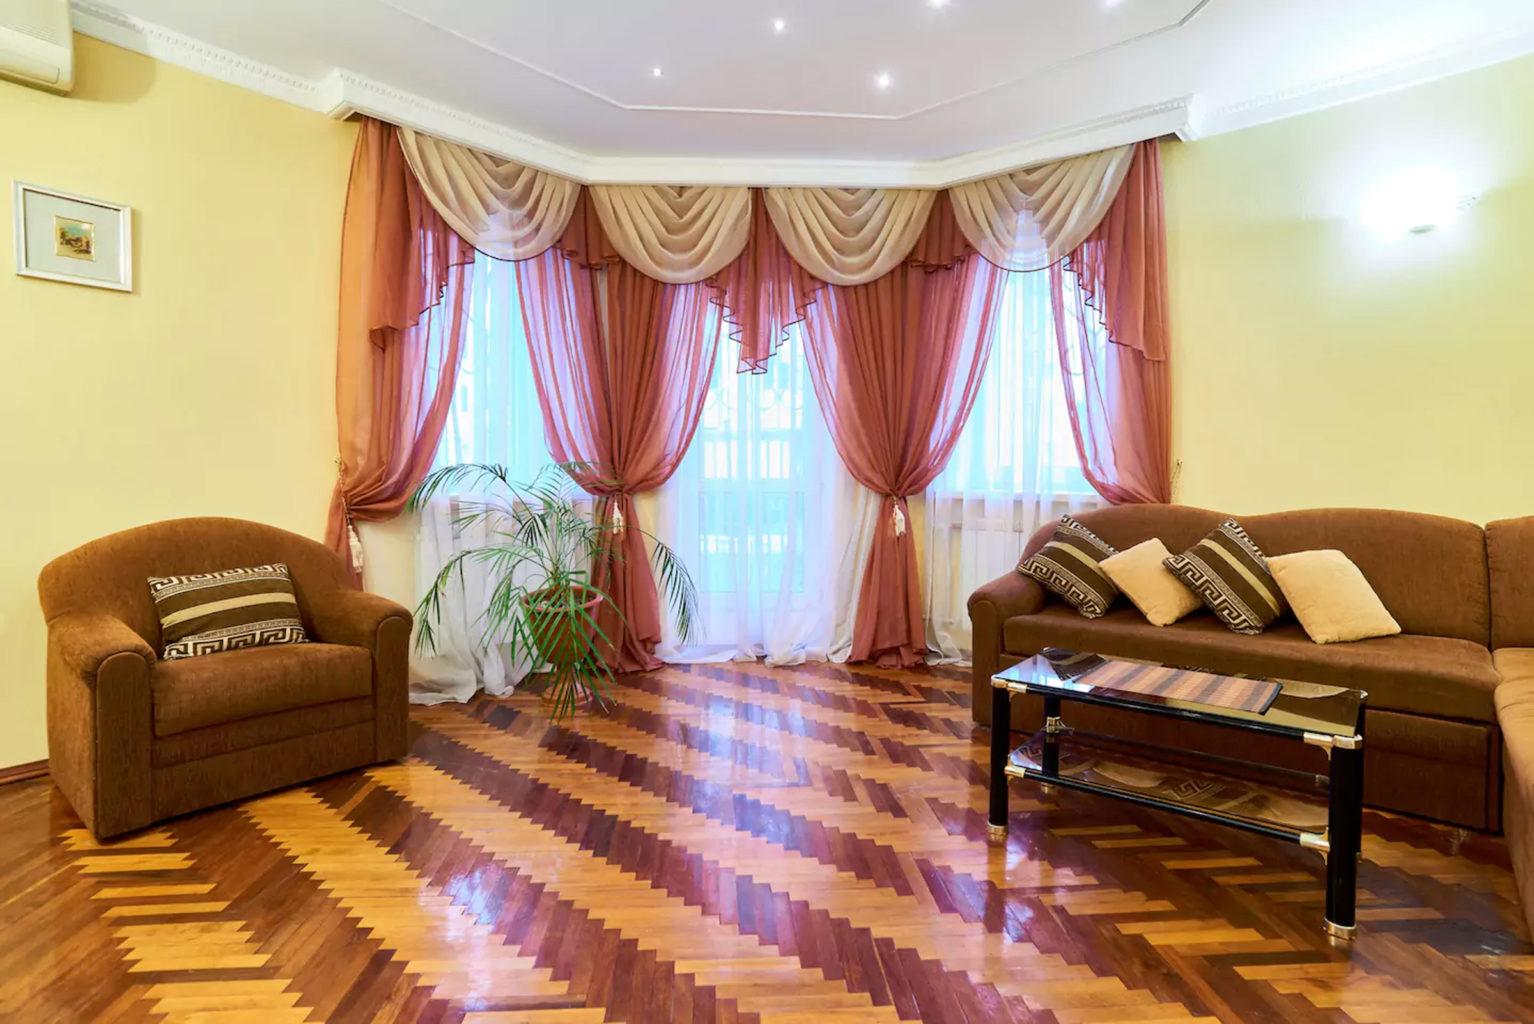 Двухкомнатная квартира на подоле посуточно ул Спасская